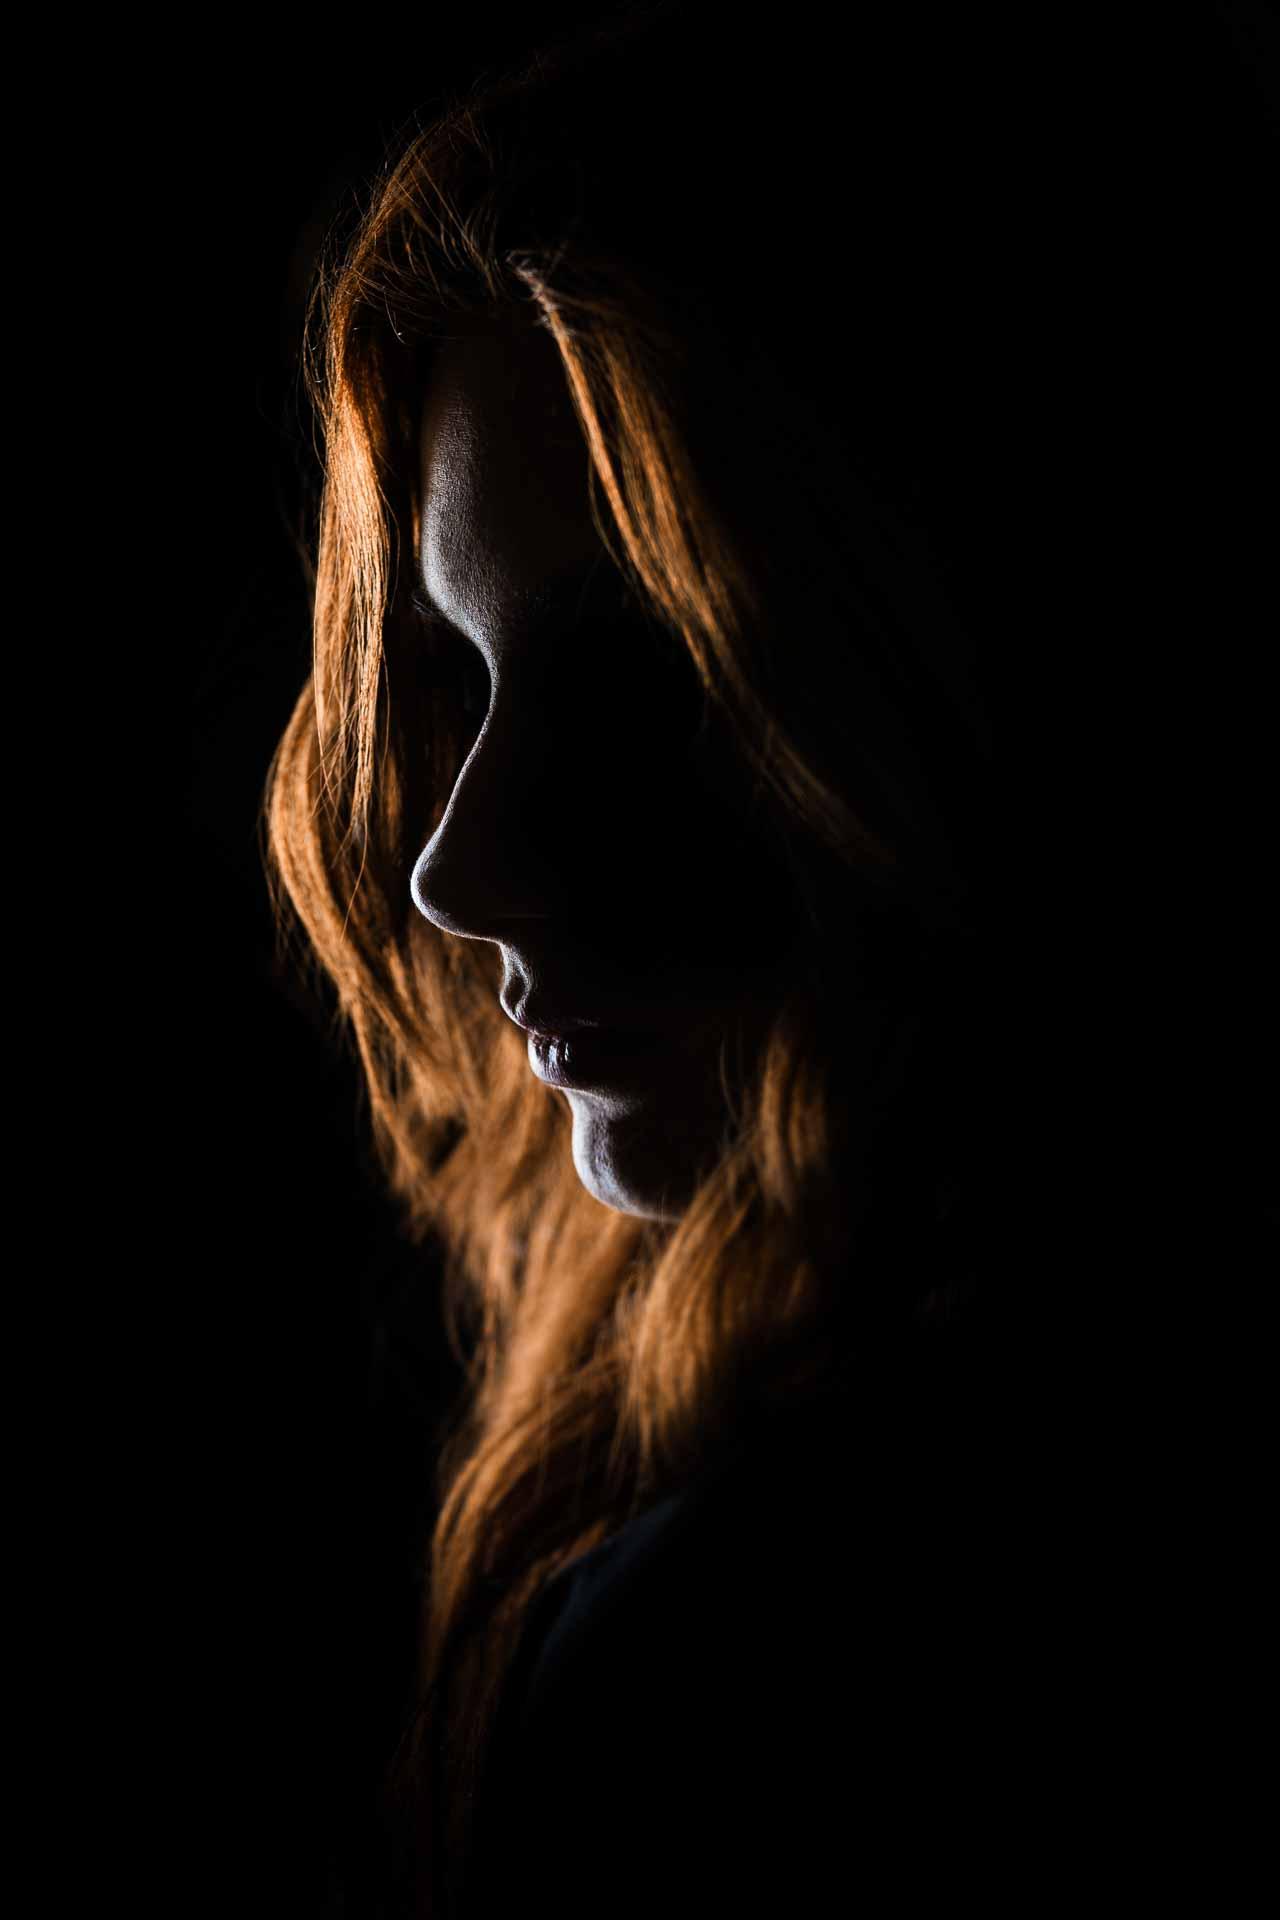 mørkt portræt foto